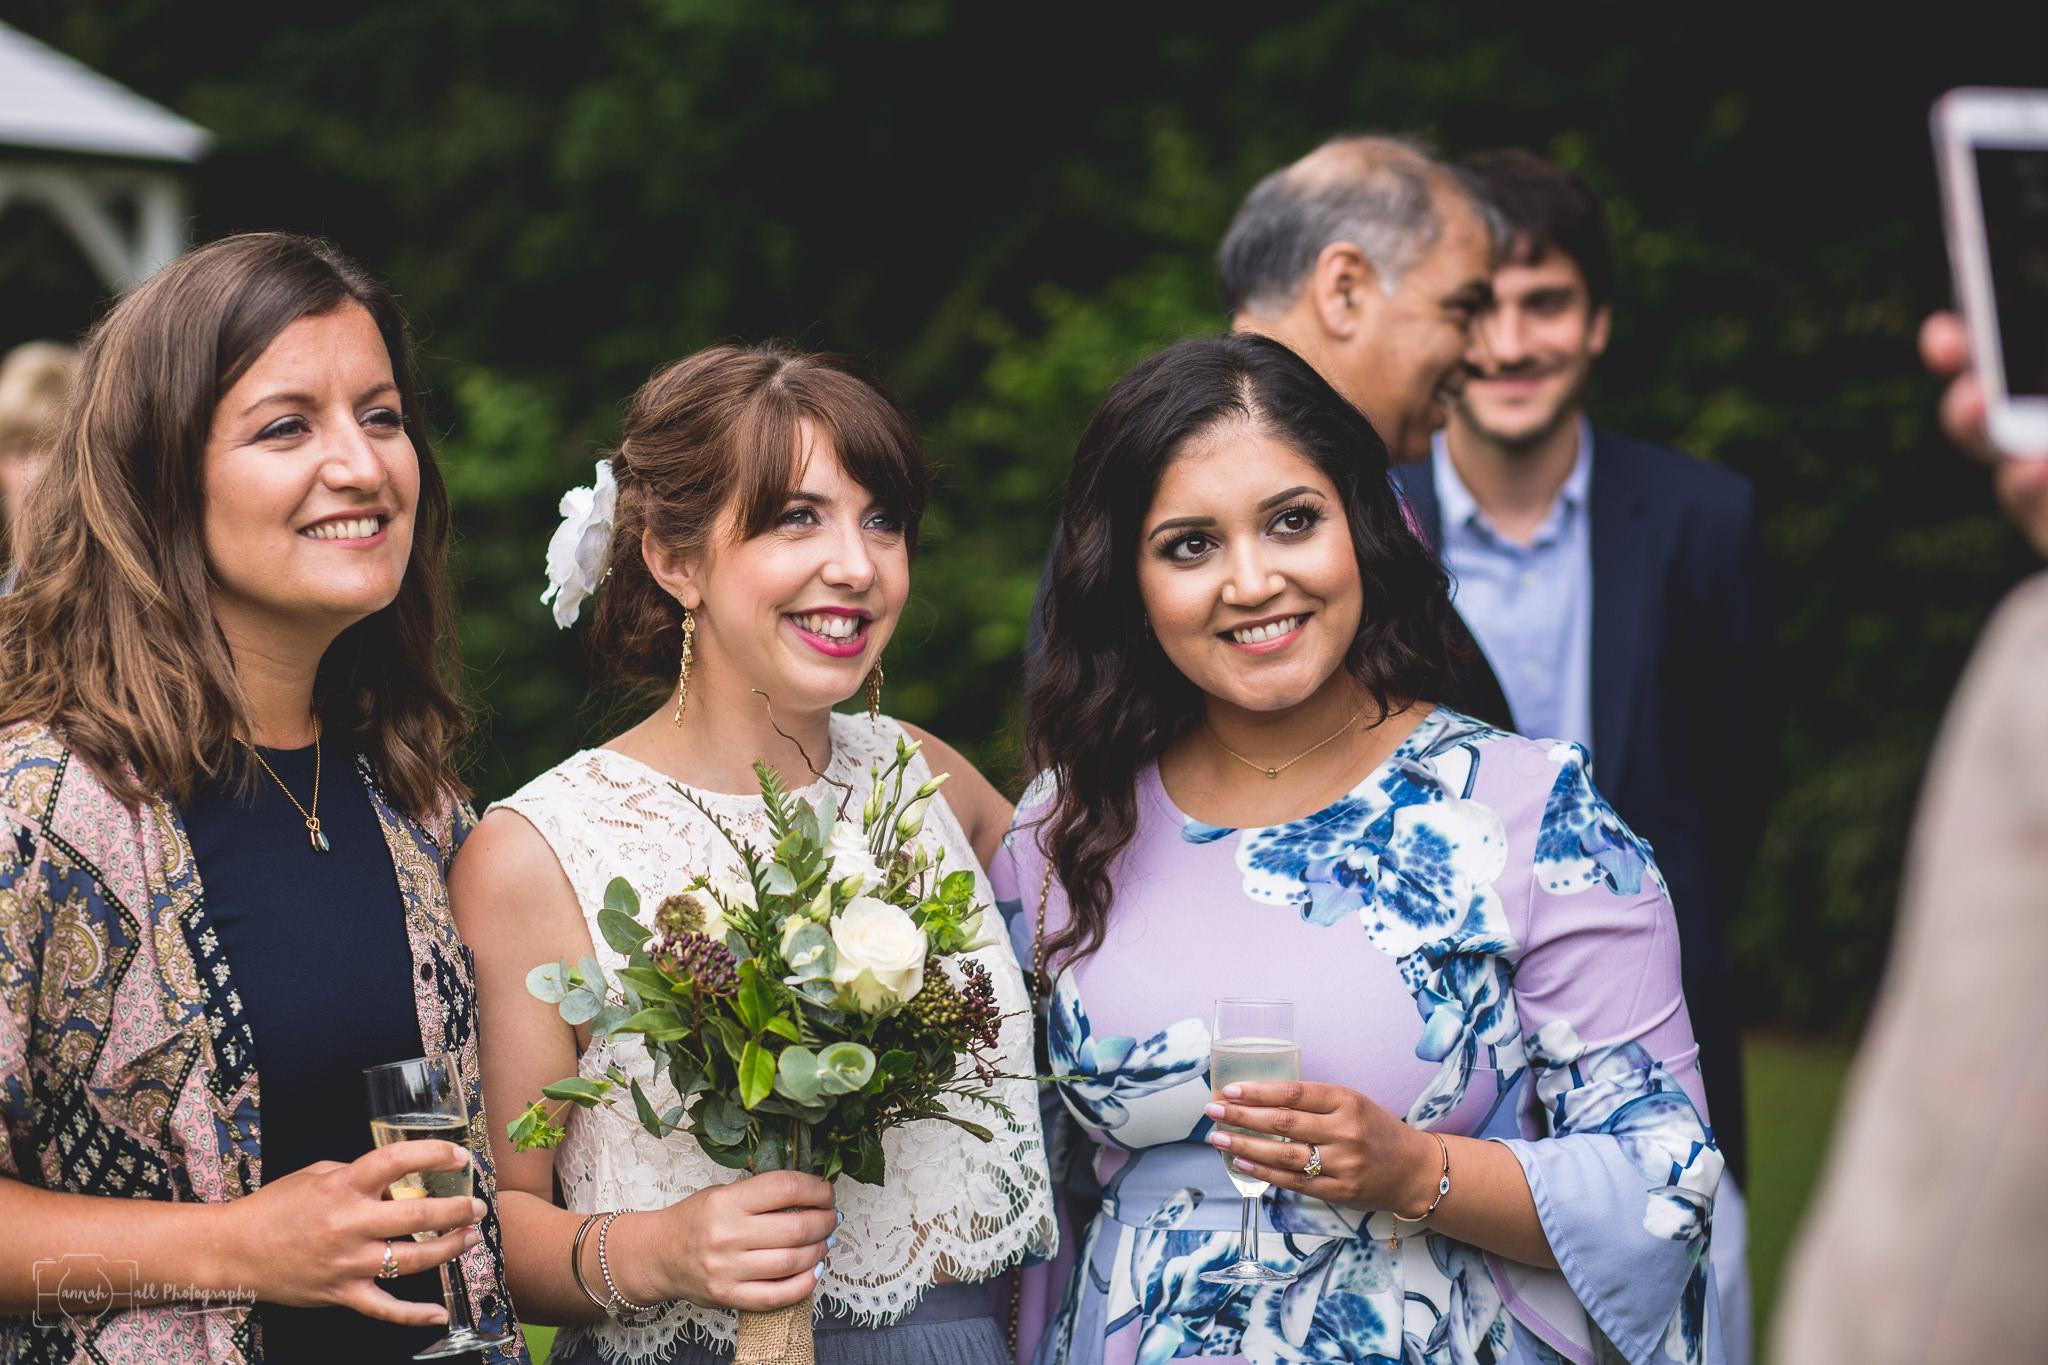 hhp-back-garden-wedding-32